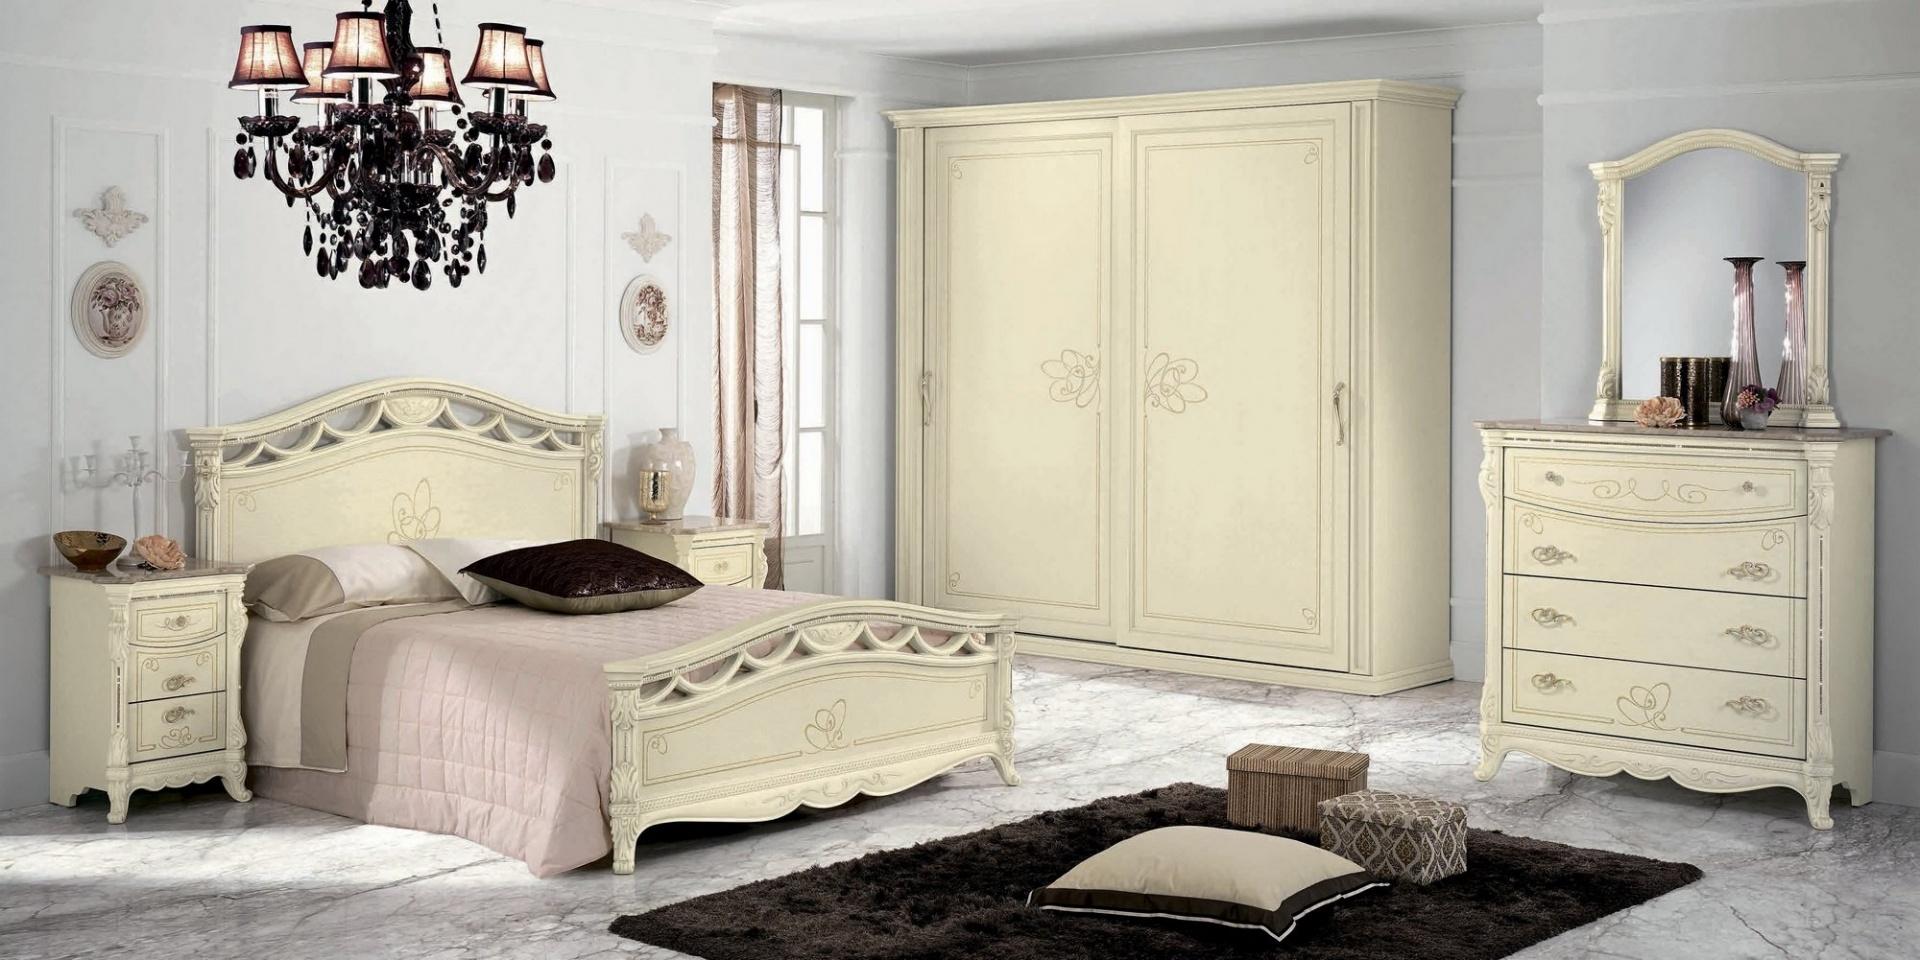 PERSEO комплект мебели для спальни 88953